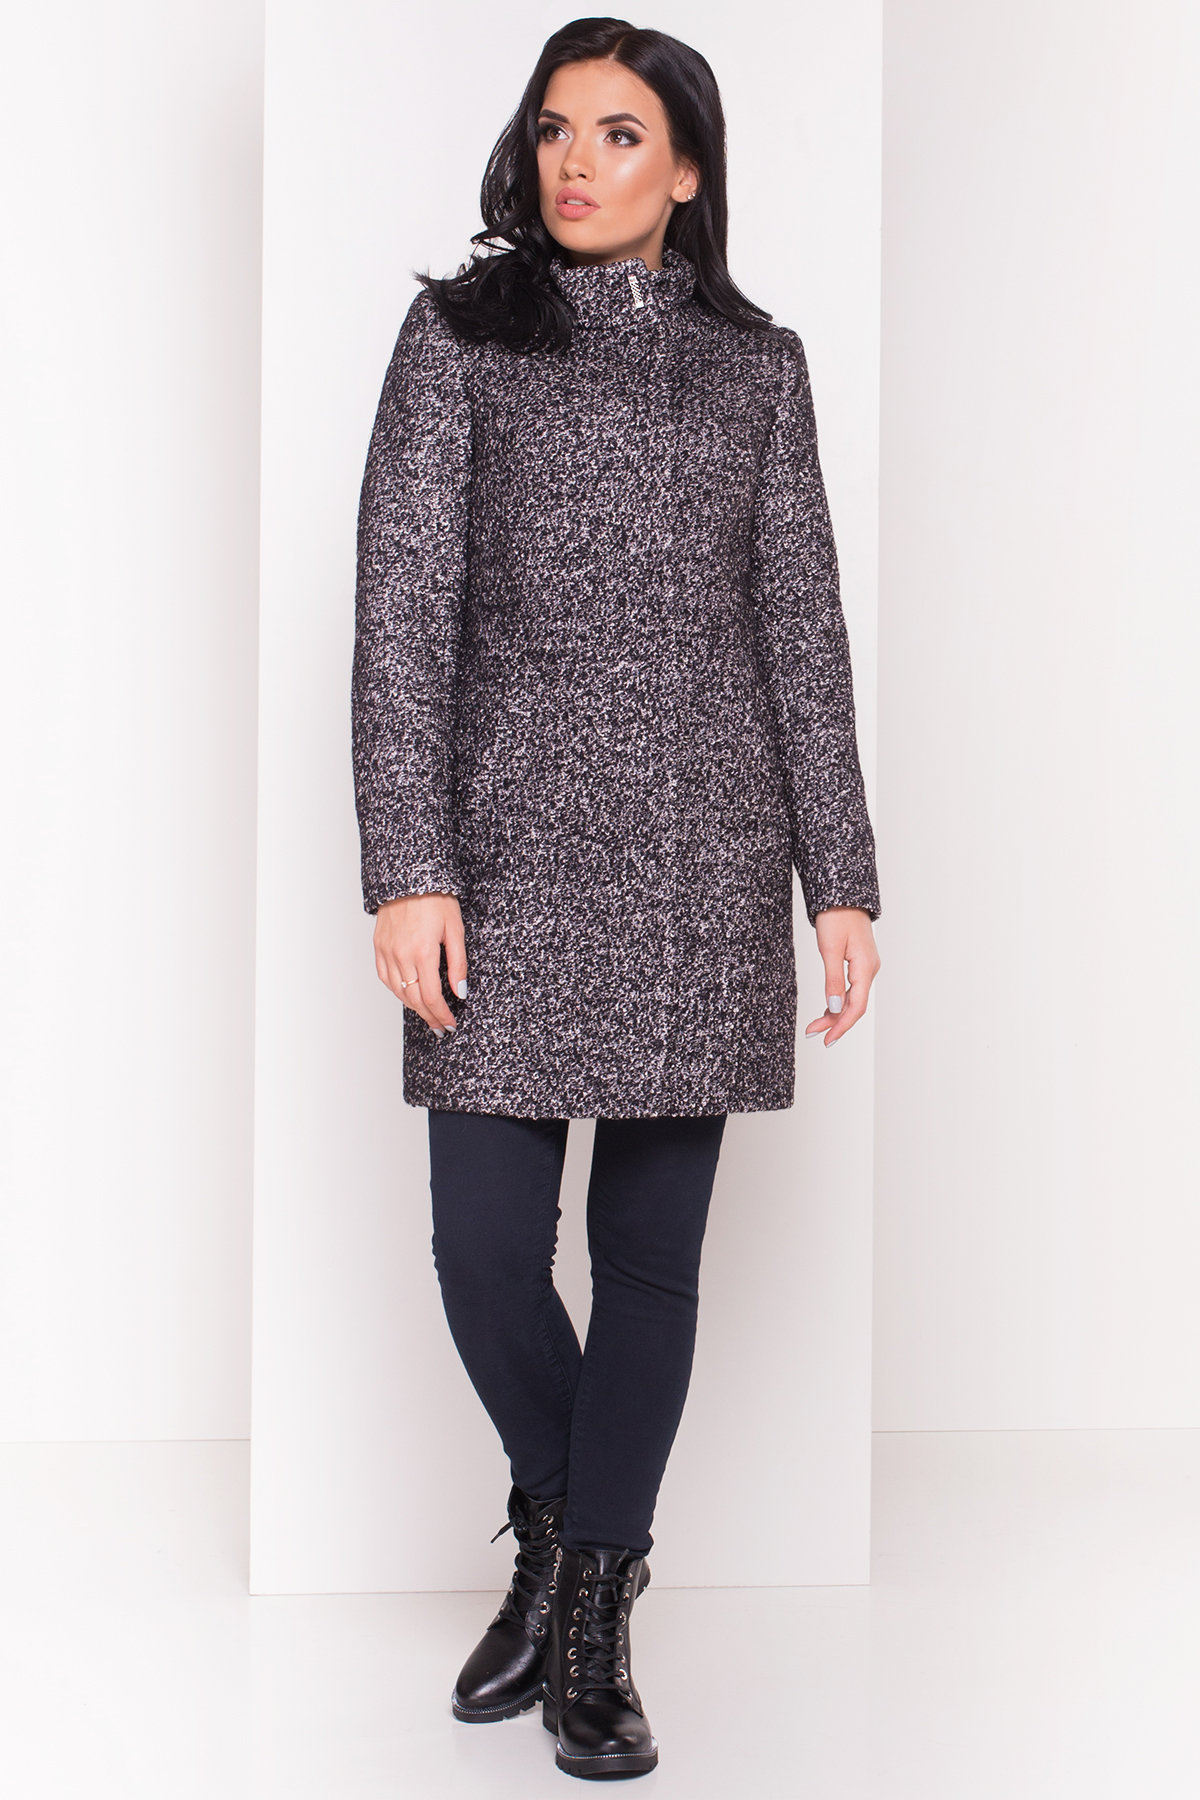 Пальто зима Фортуна 0574 АРТ. 7226 Цвет: Черный / серый 6 - фото 2, интернет магазин tm-modus.ru